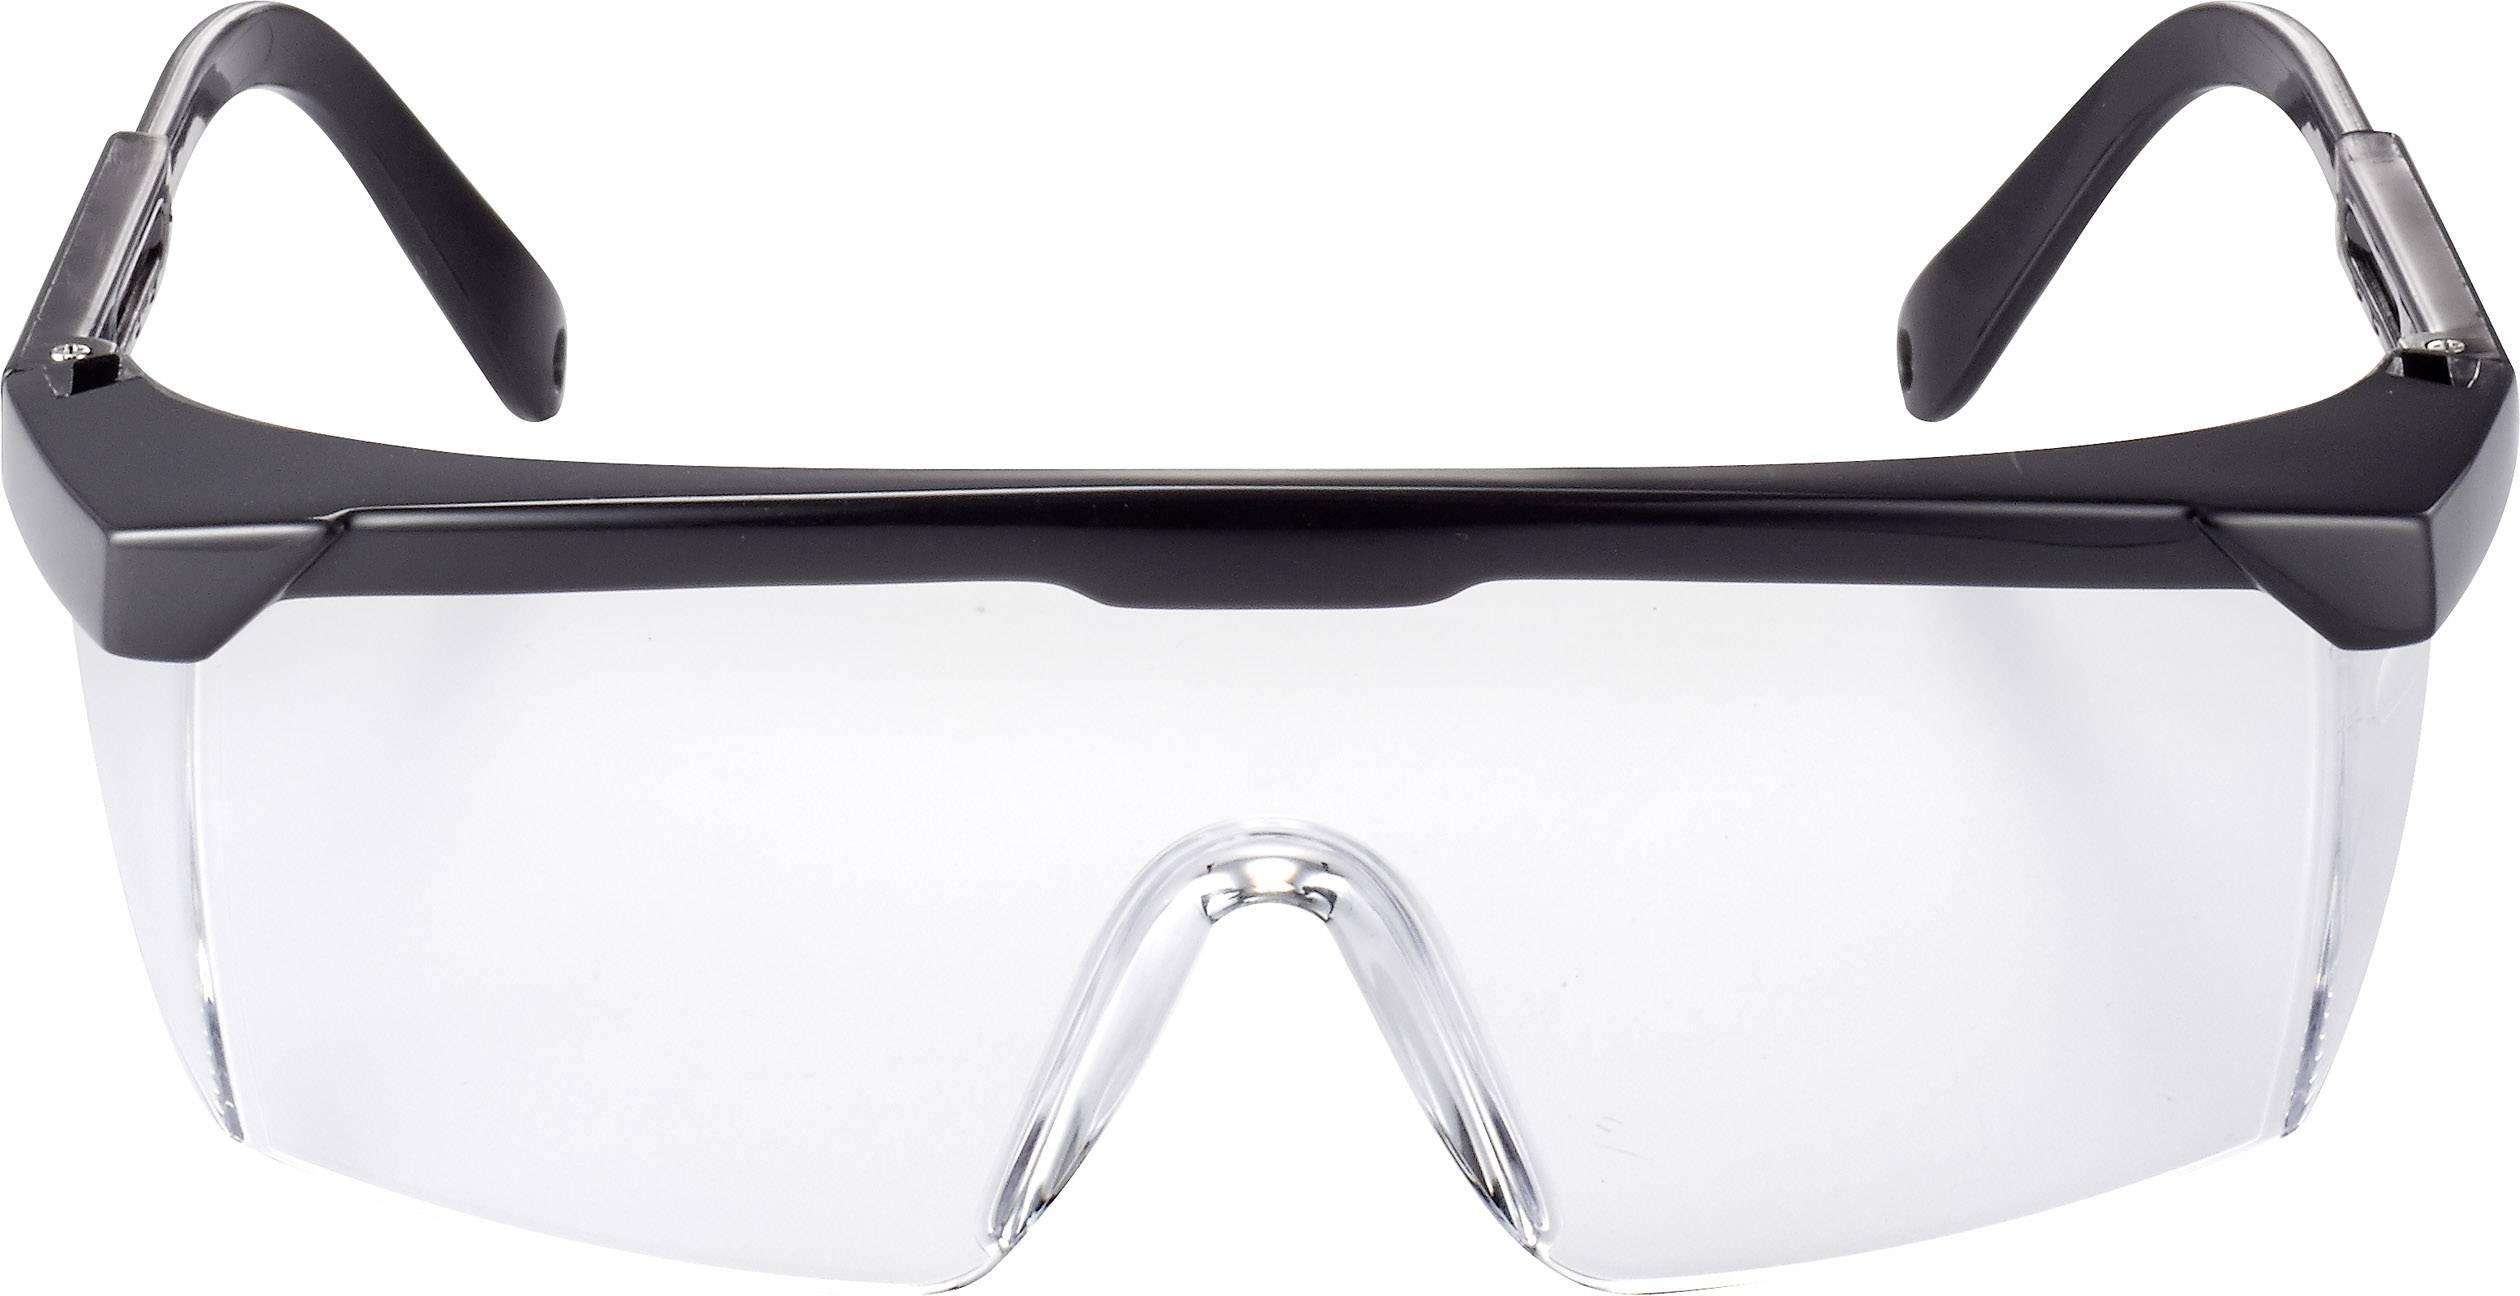 Ochranné brýle Toolcraft, čiré, černé TOOLCRAFT TO-5343210